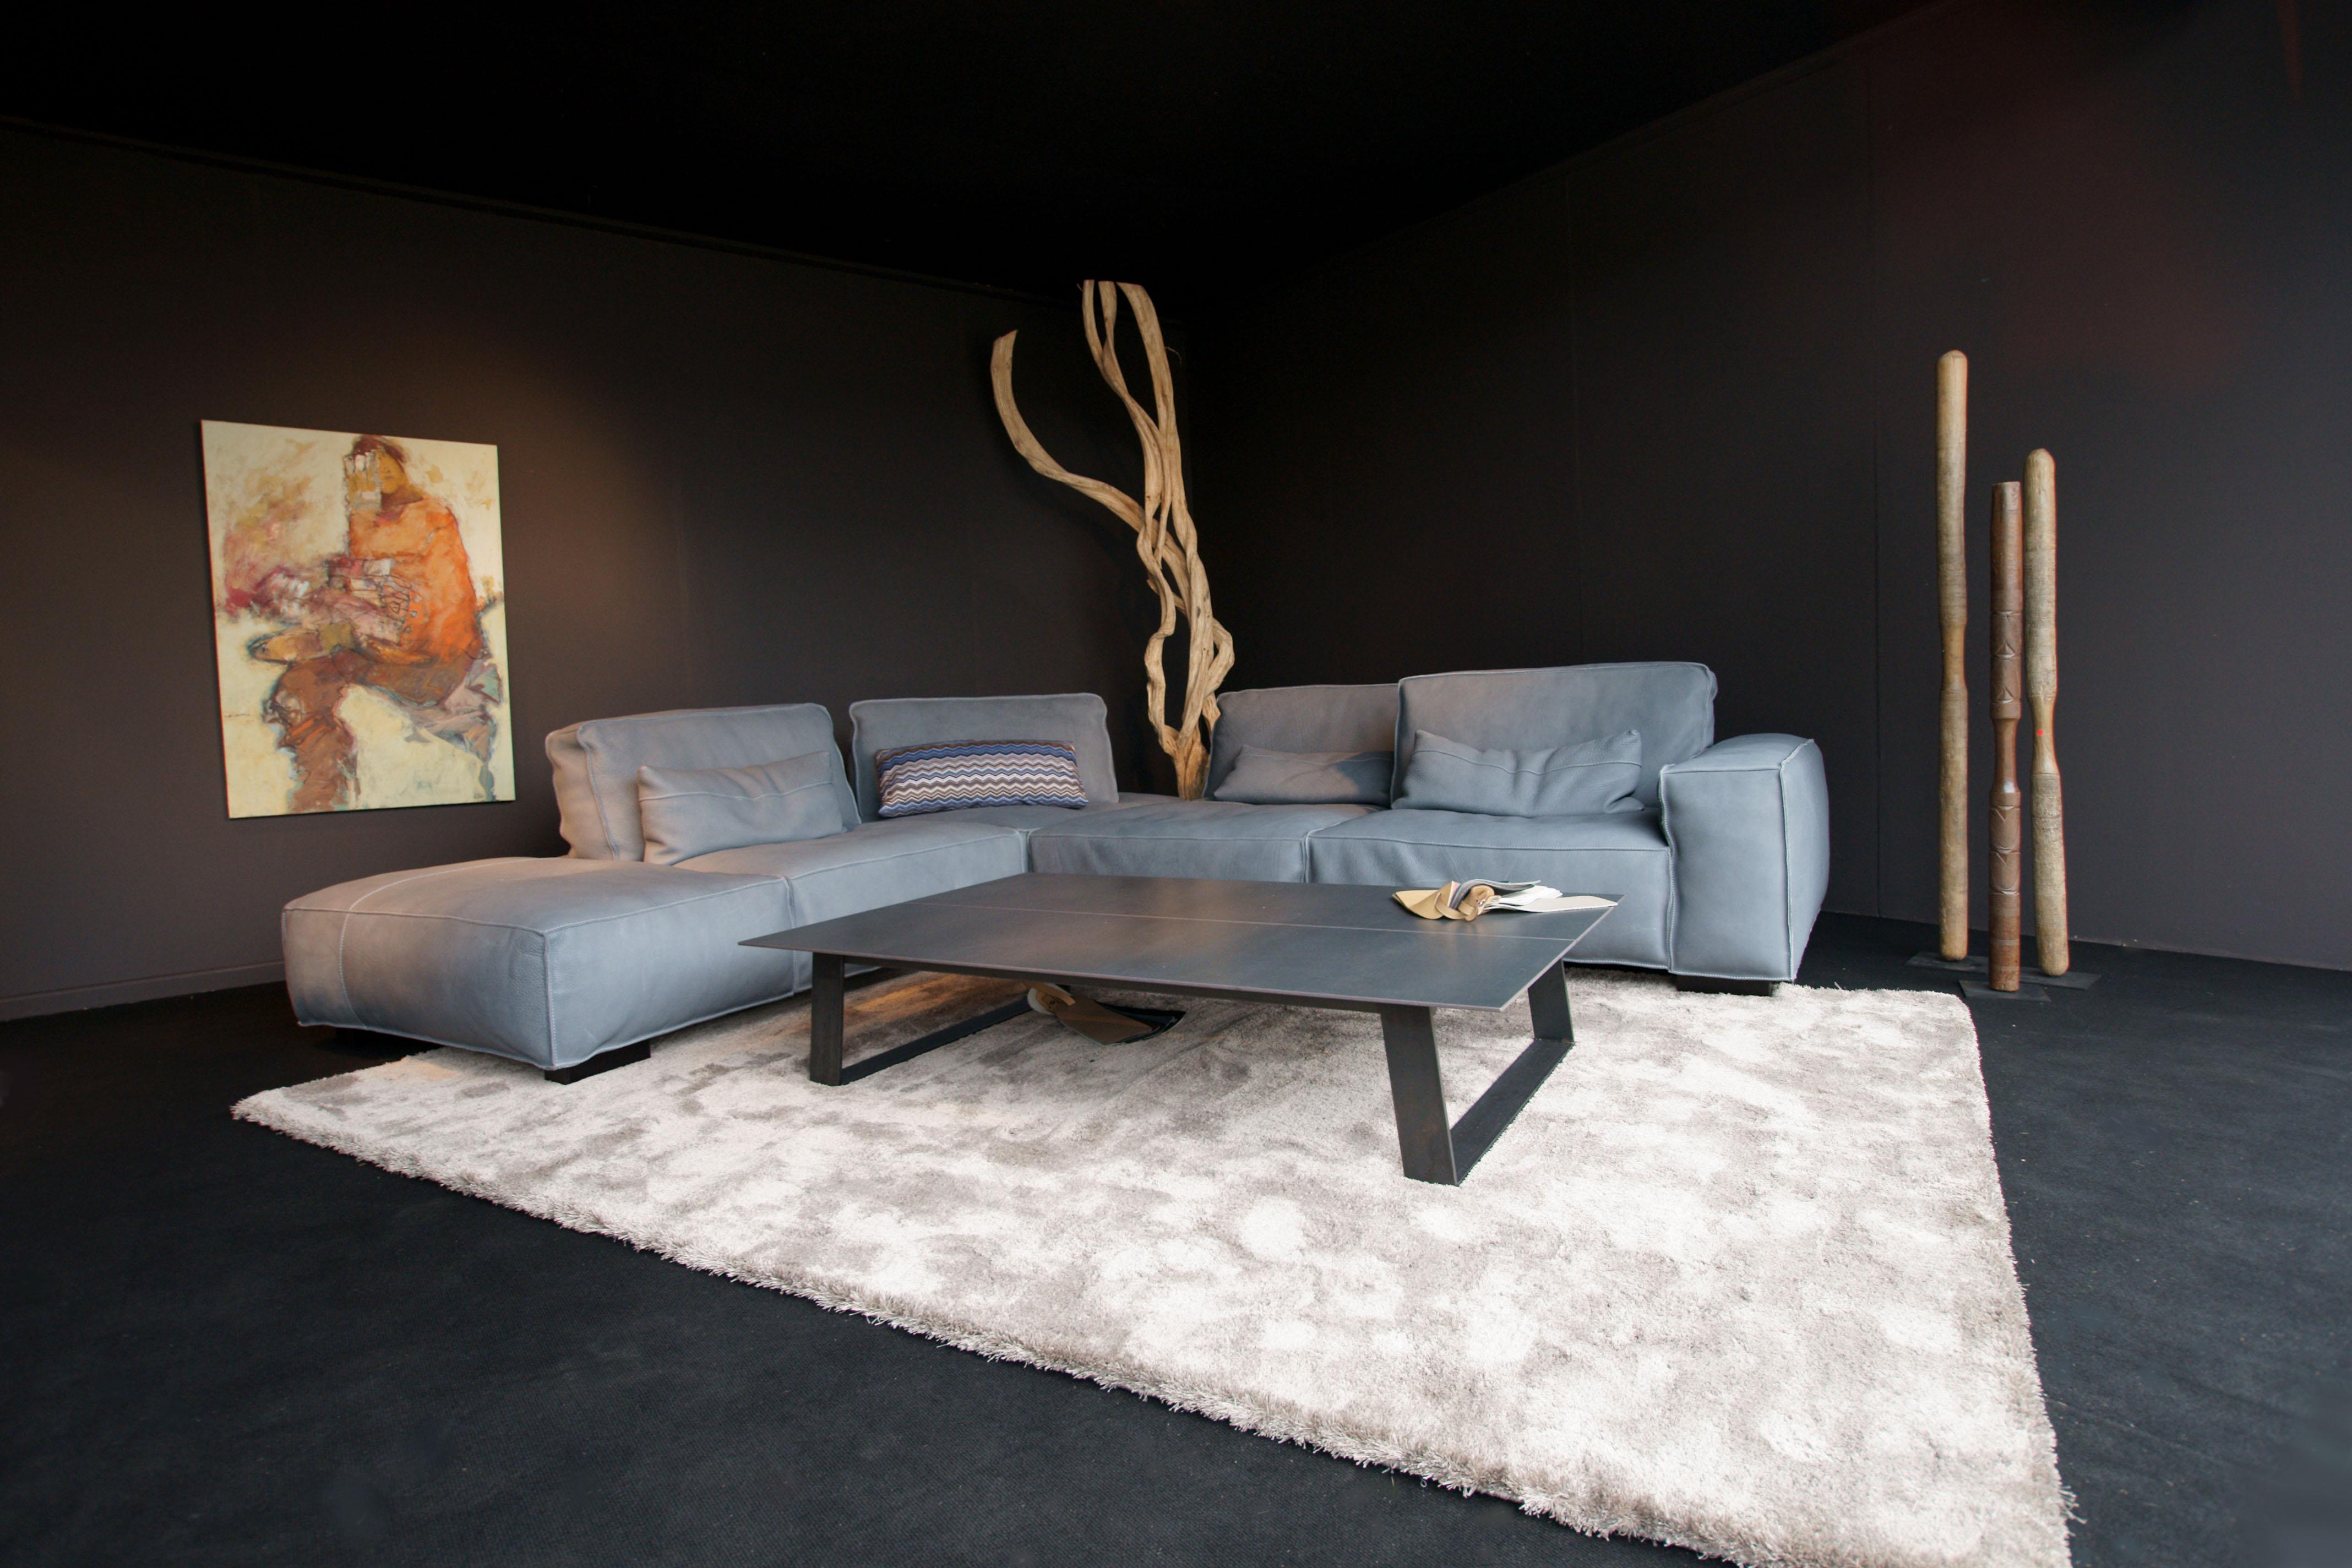 Contemporary Collection La Maison Rivet Lozano # Meuble Tv Amsterdam